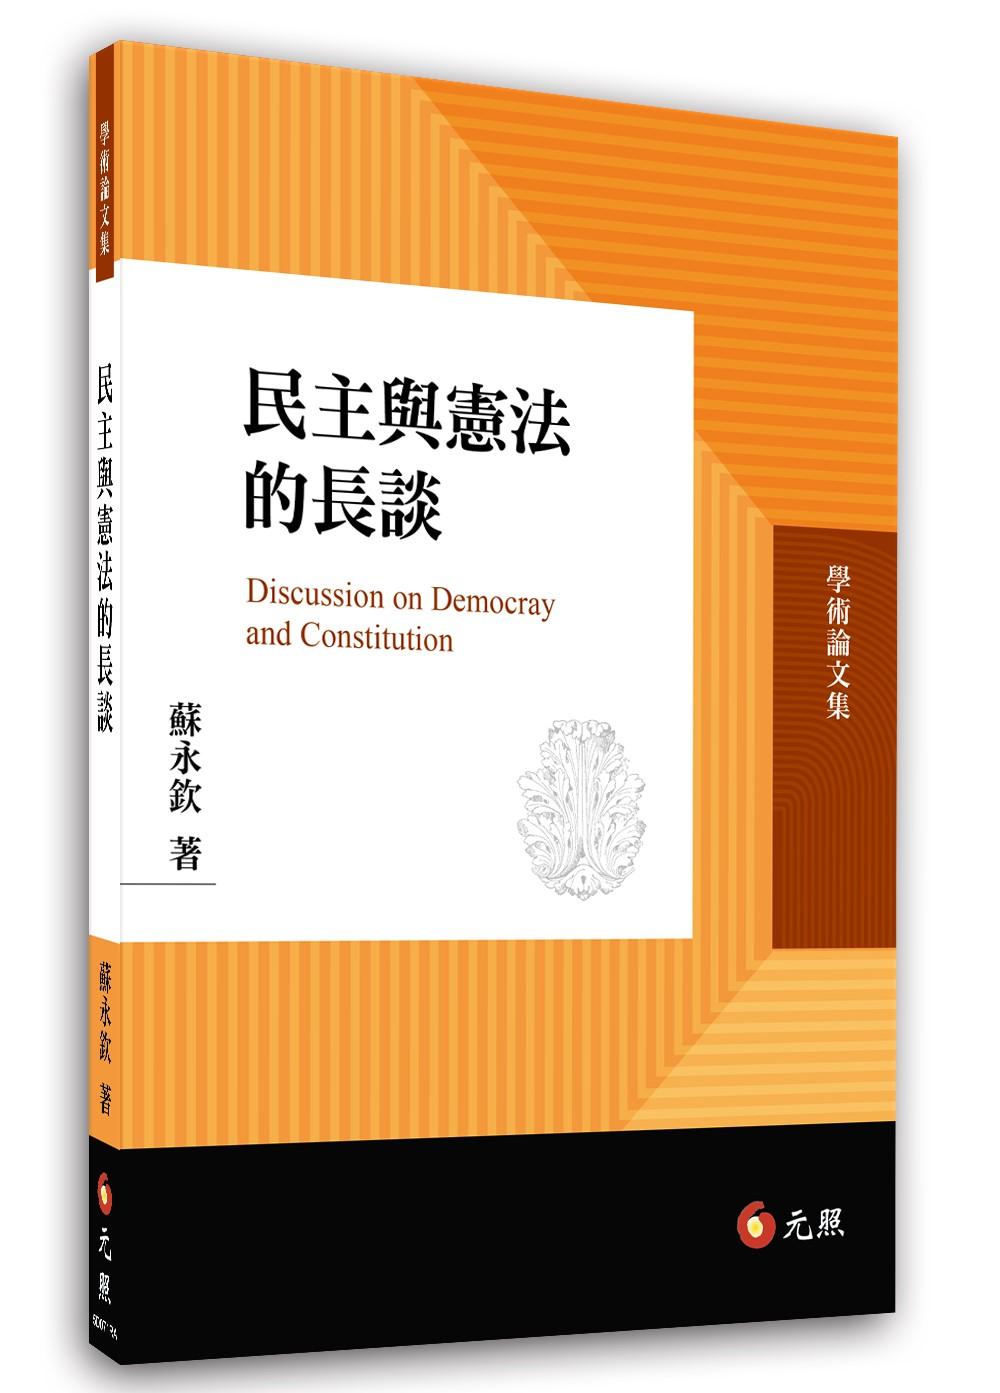 民主與憲法的長談